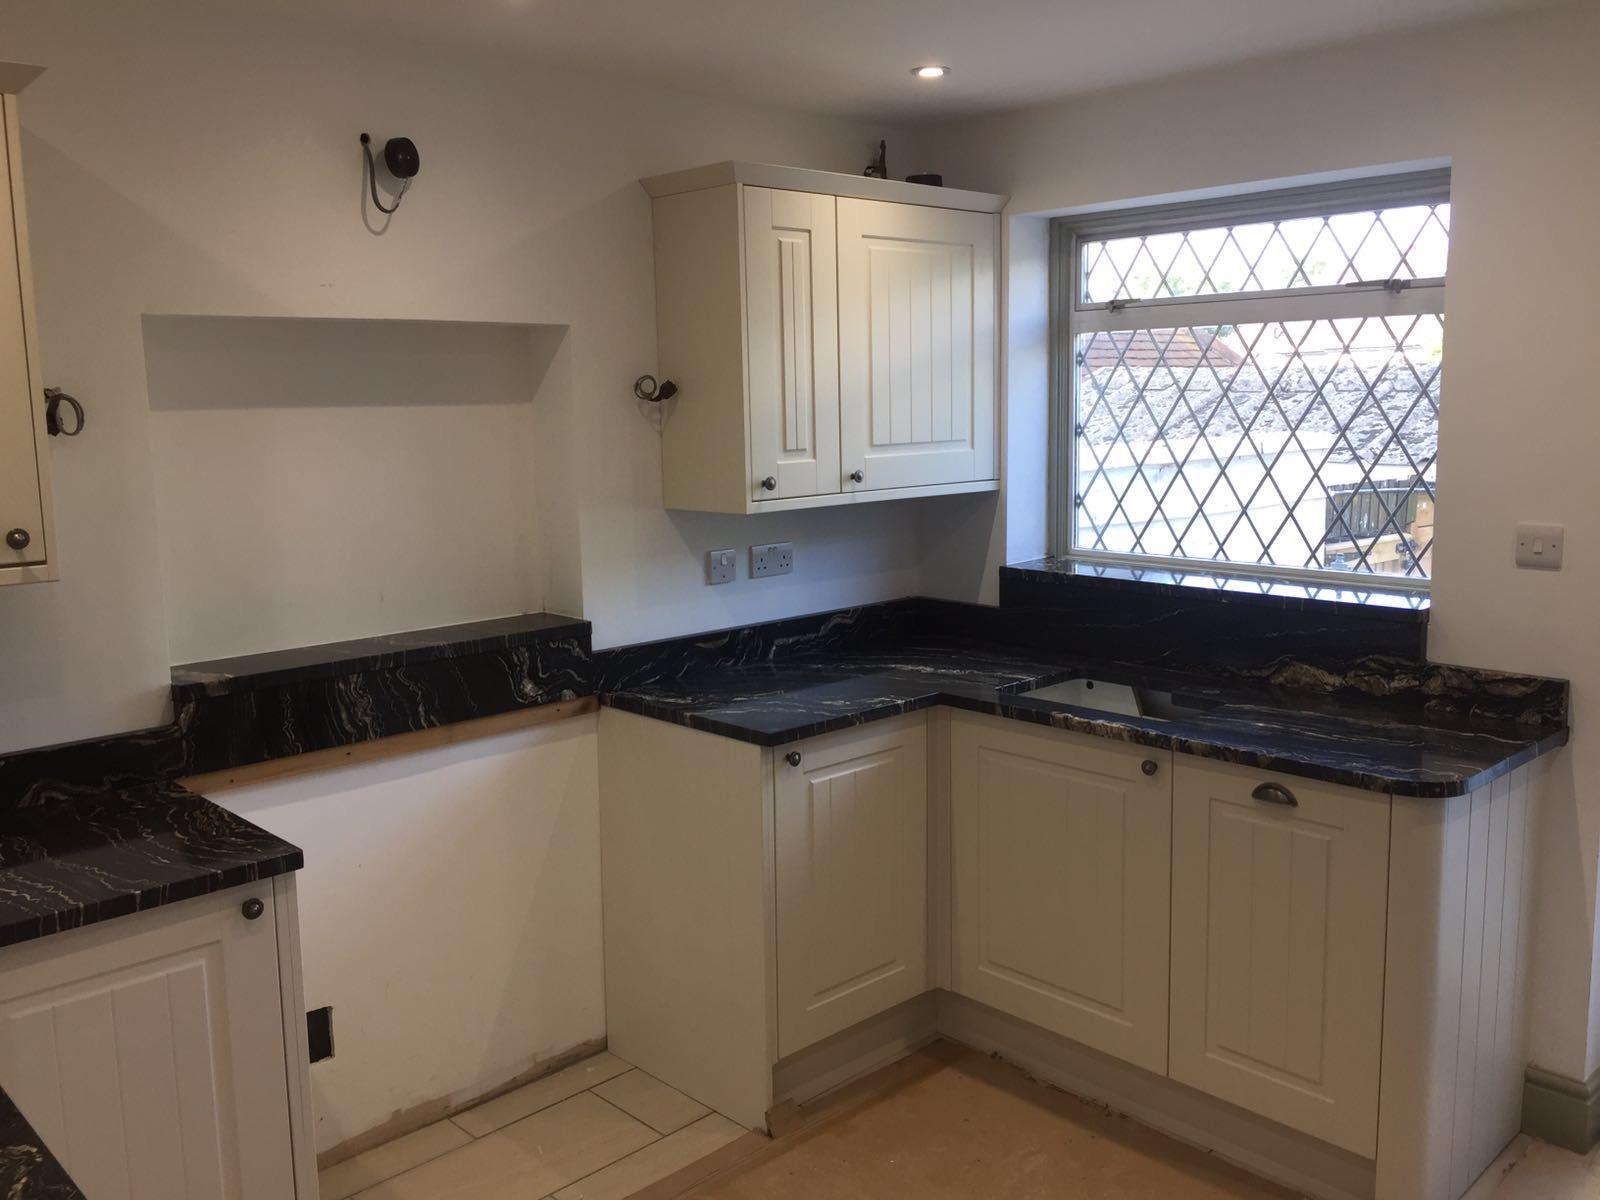 Titatnium Granite kitchen Top (5)